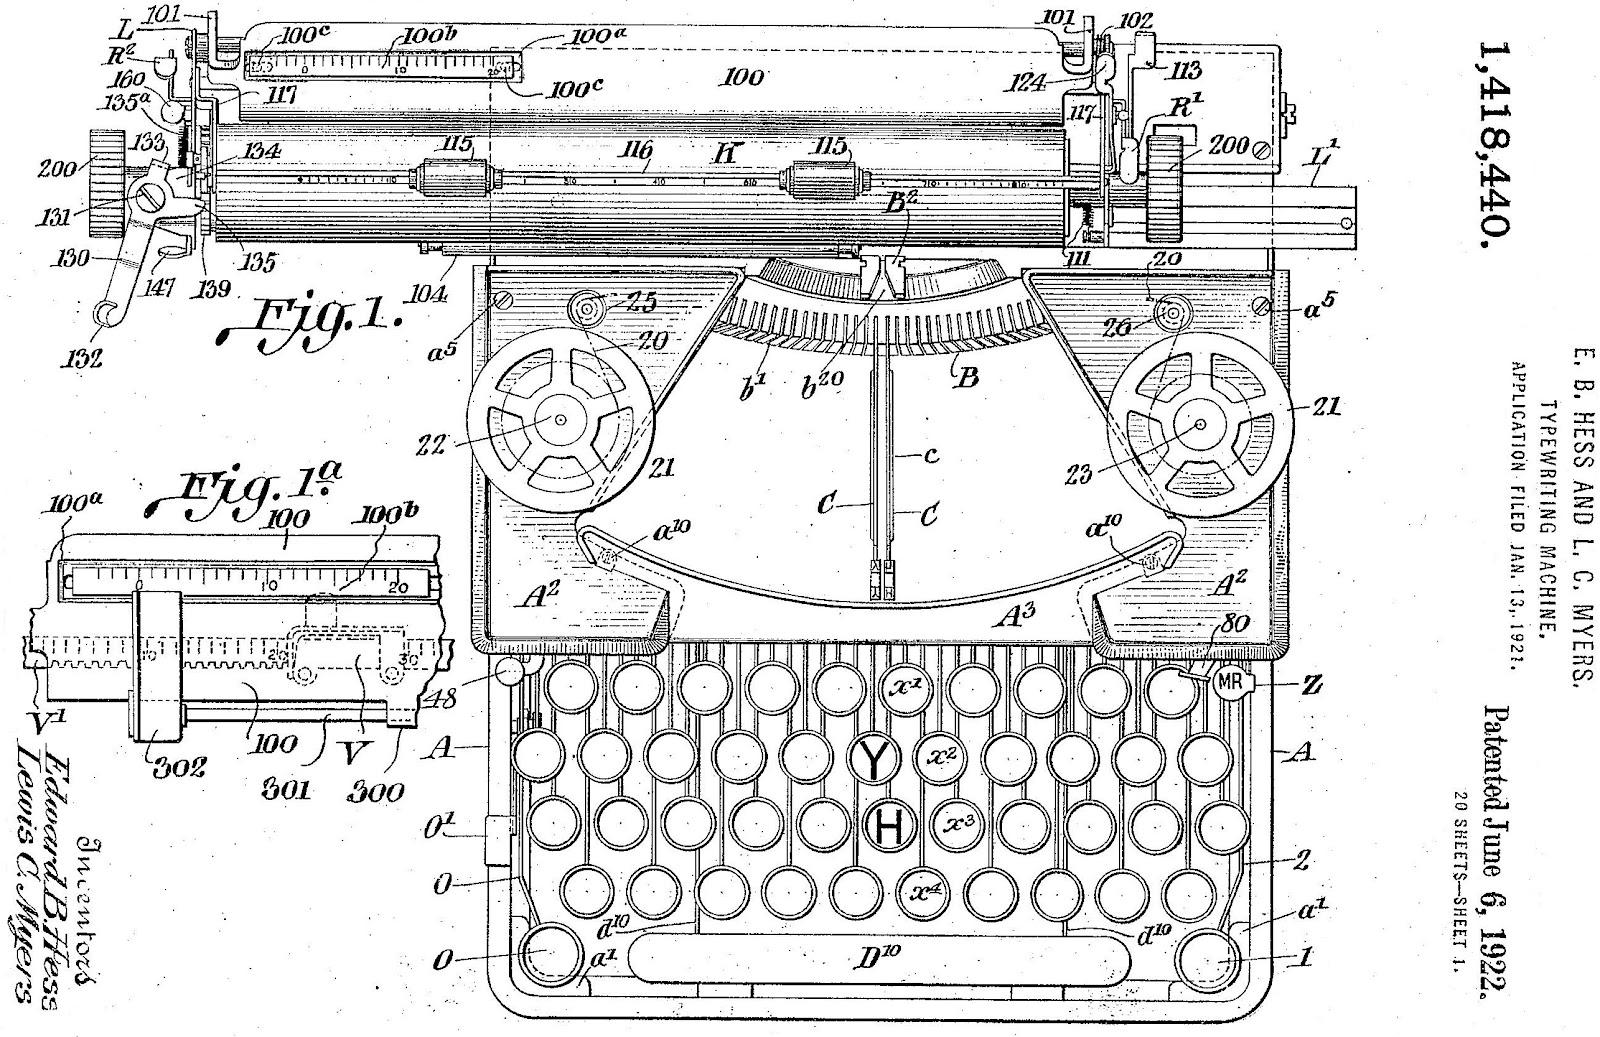 Drawn typewriter first Edward in 1922 Royal that